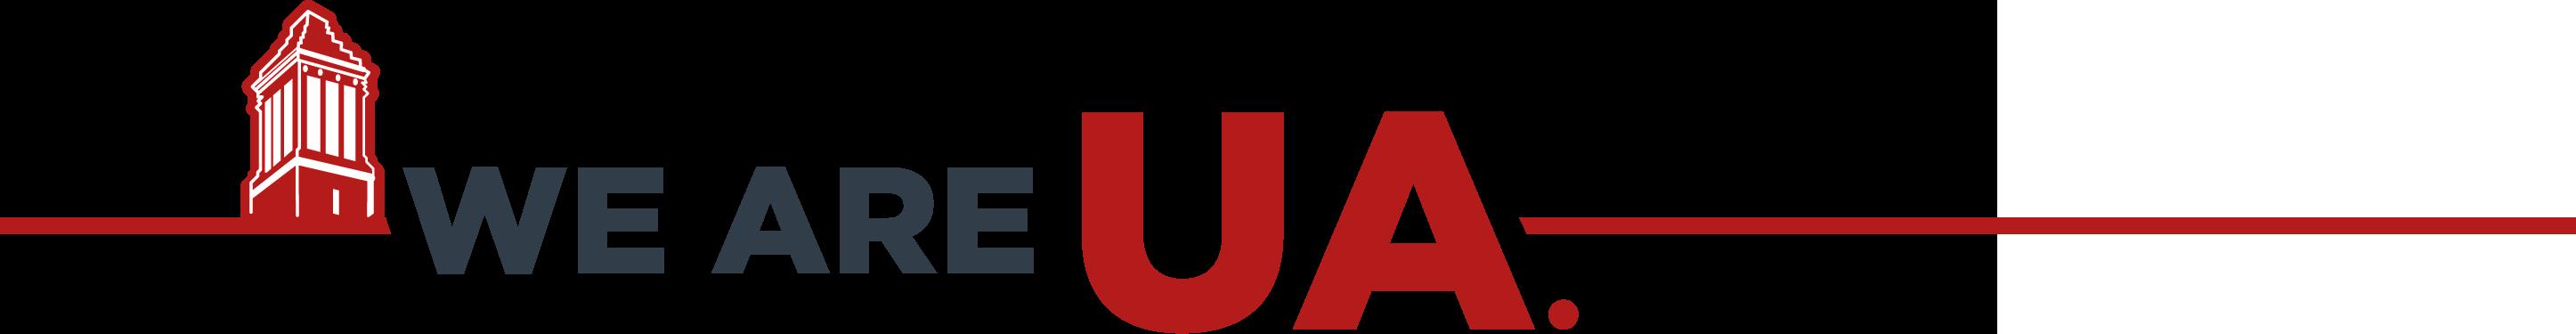 We Are UA.